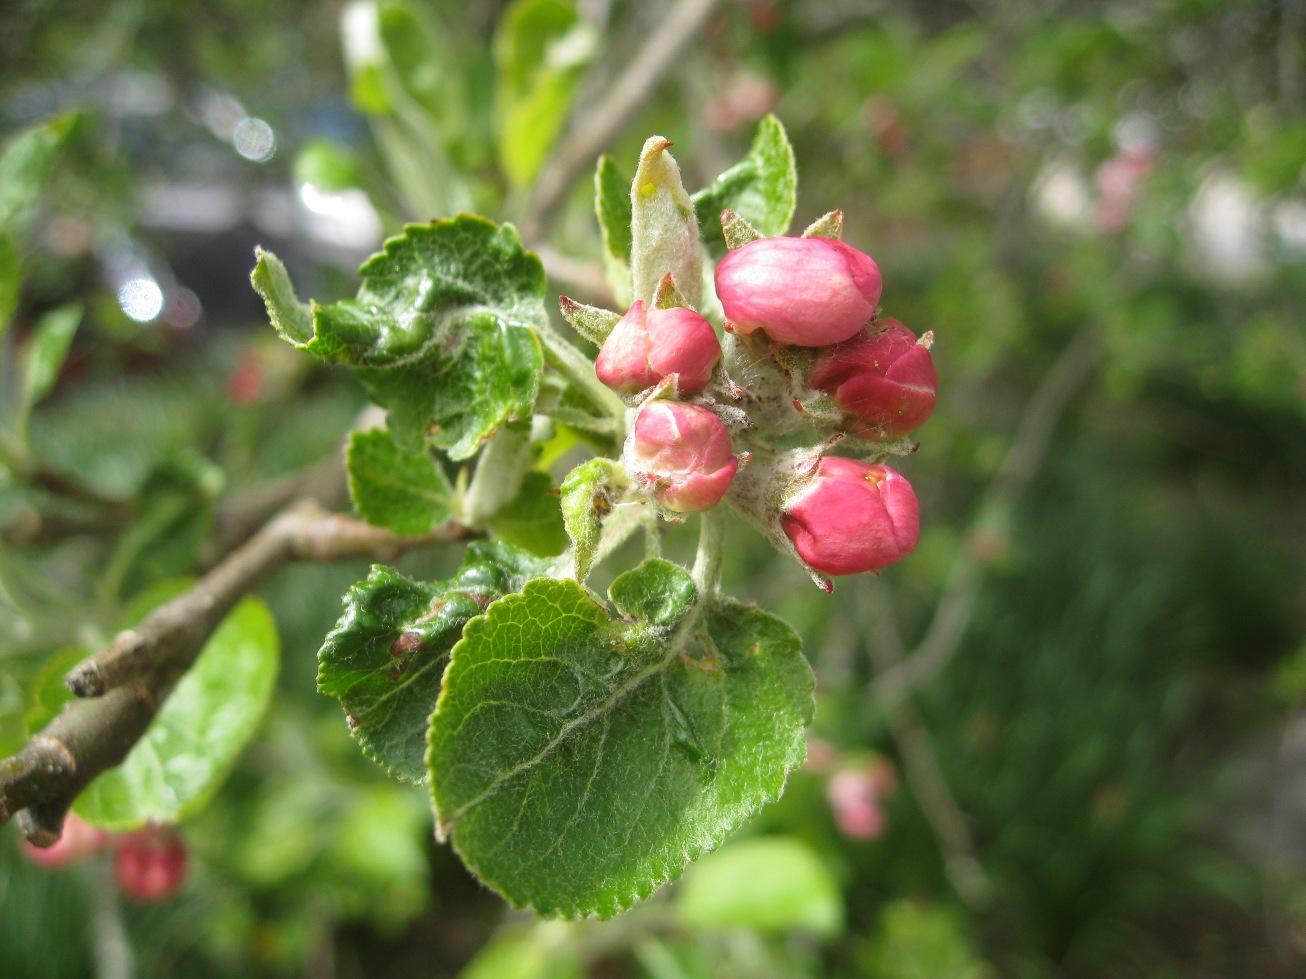 apple buds at pink, winter moth caterpillar inside